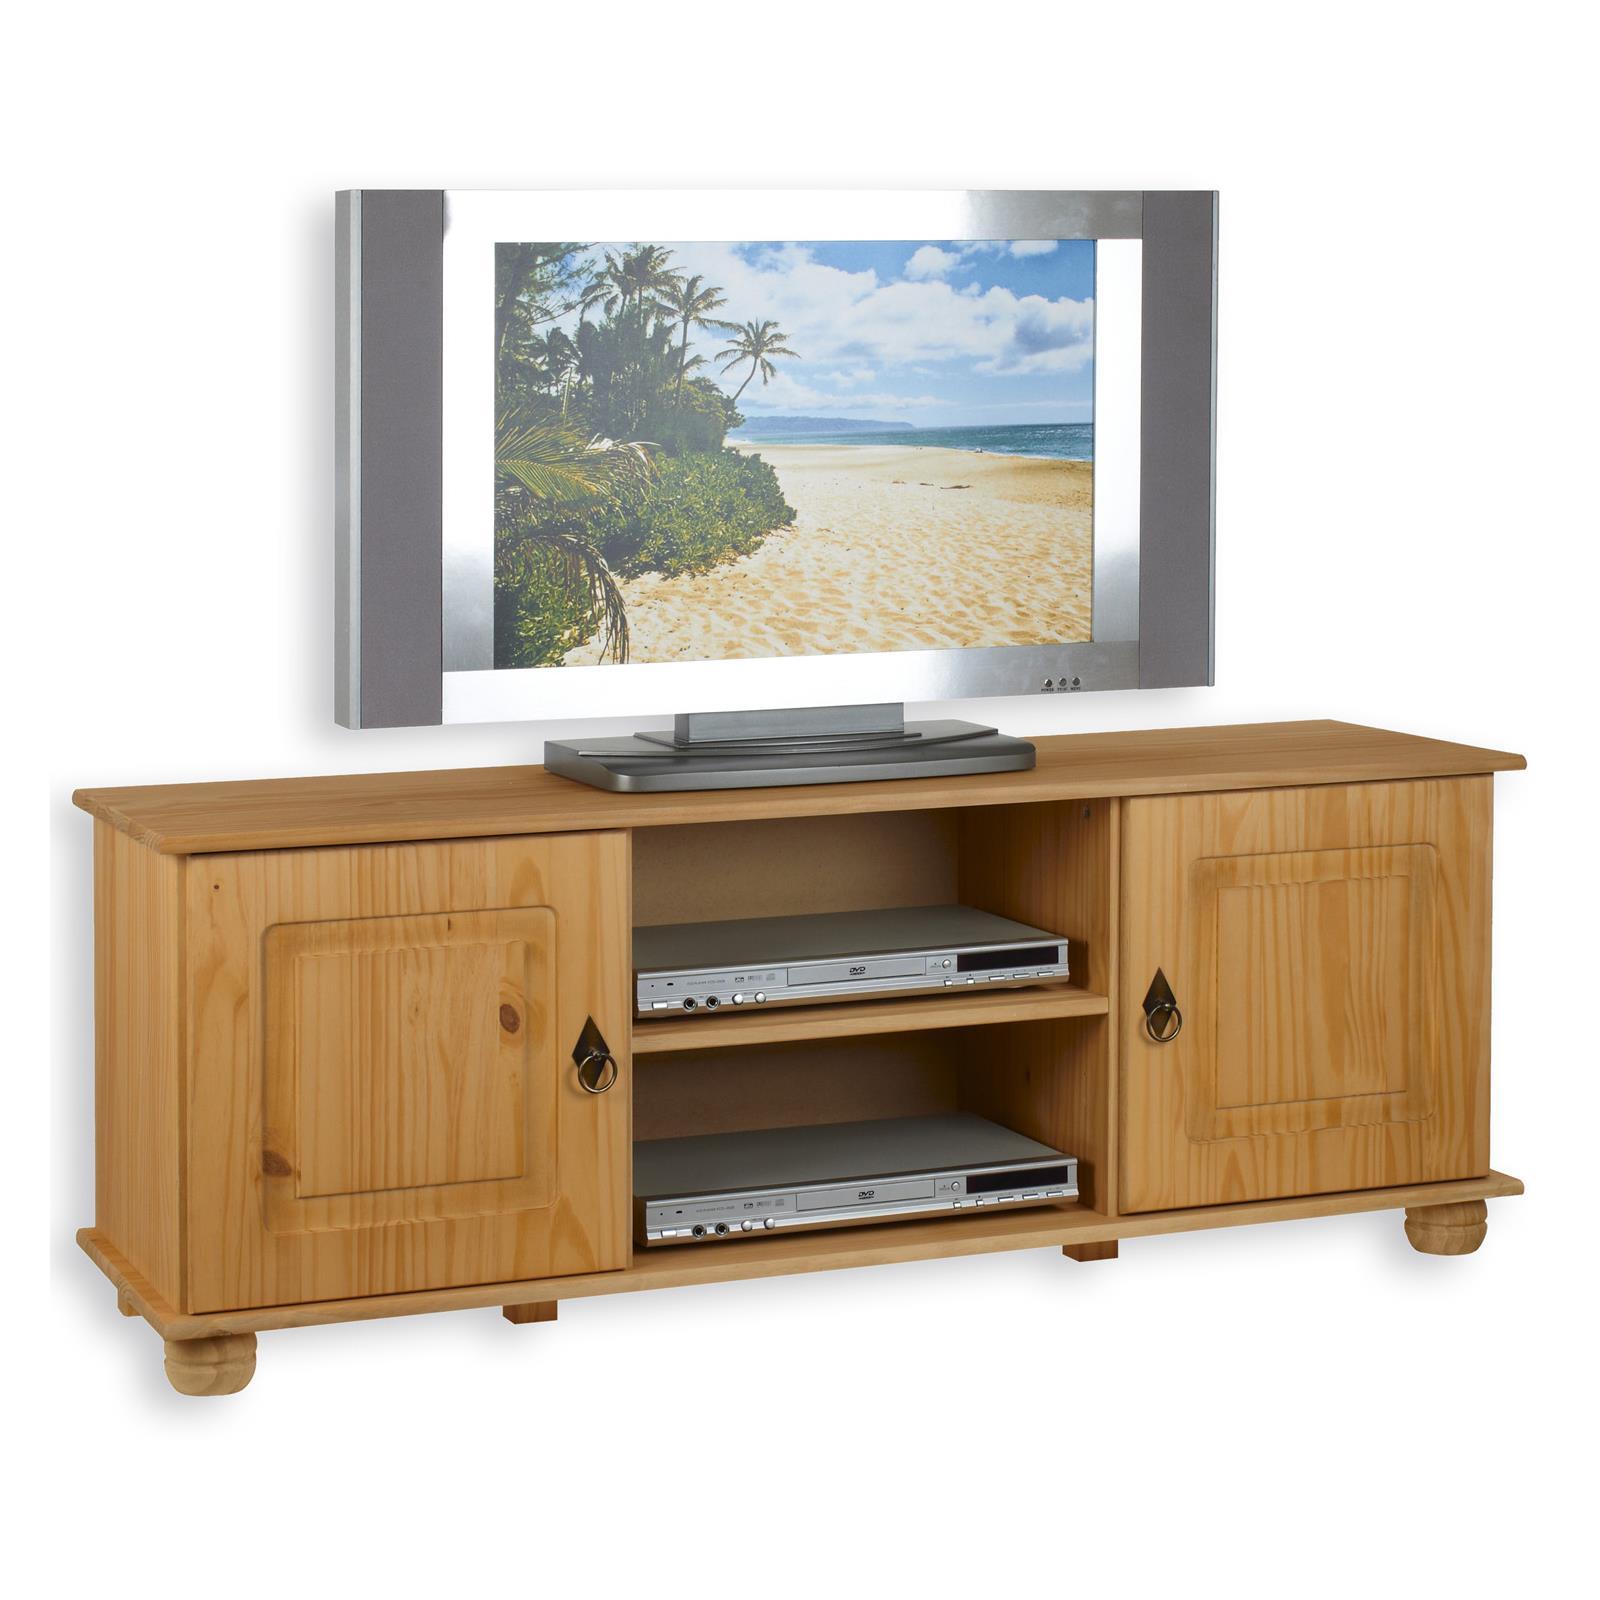 tv lowboard belfort gebeizt gewachst kiefer massiv mobilia24. Black Bedroom Furniture Sets. Home Design Ideas